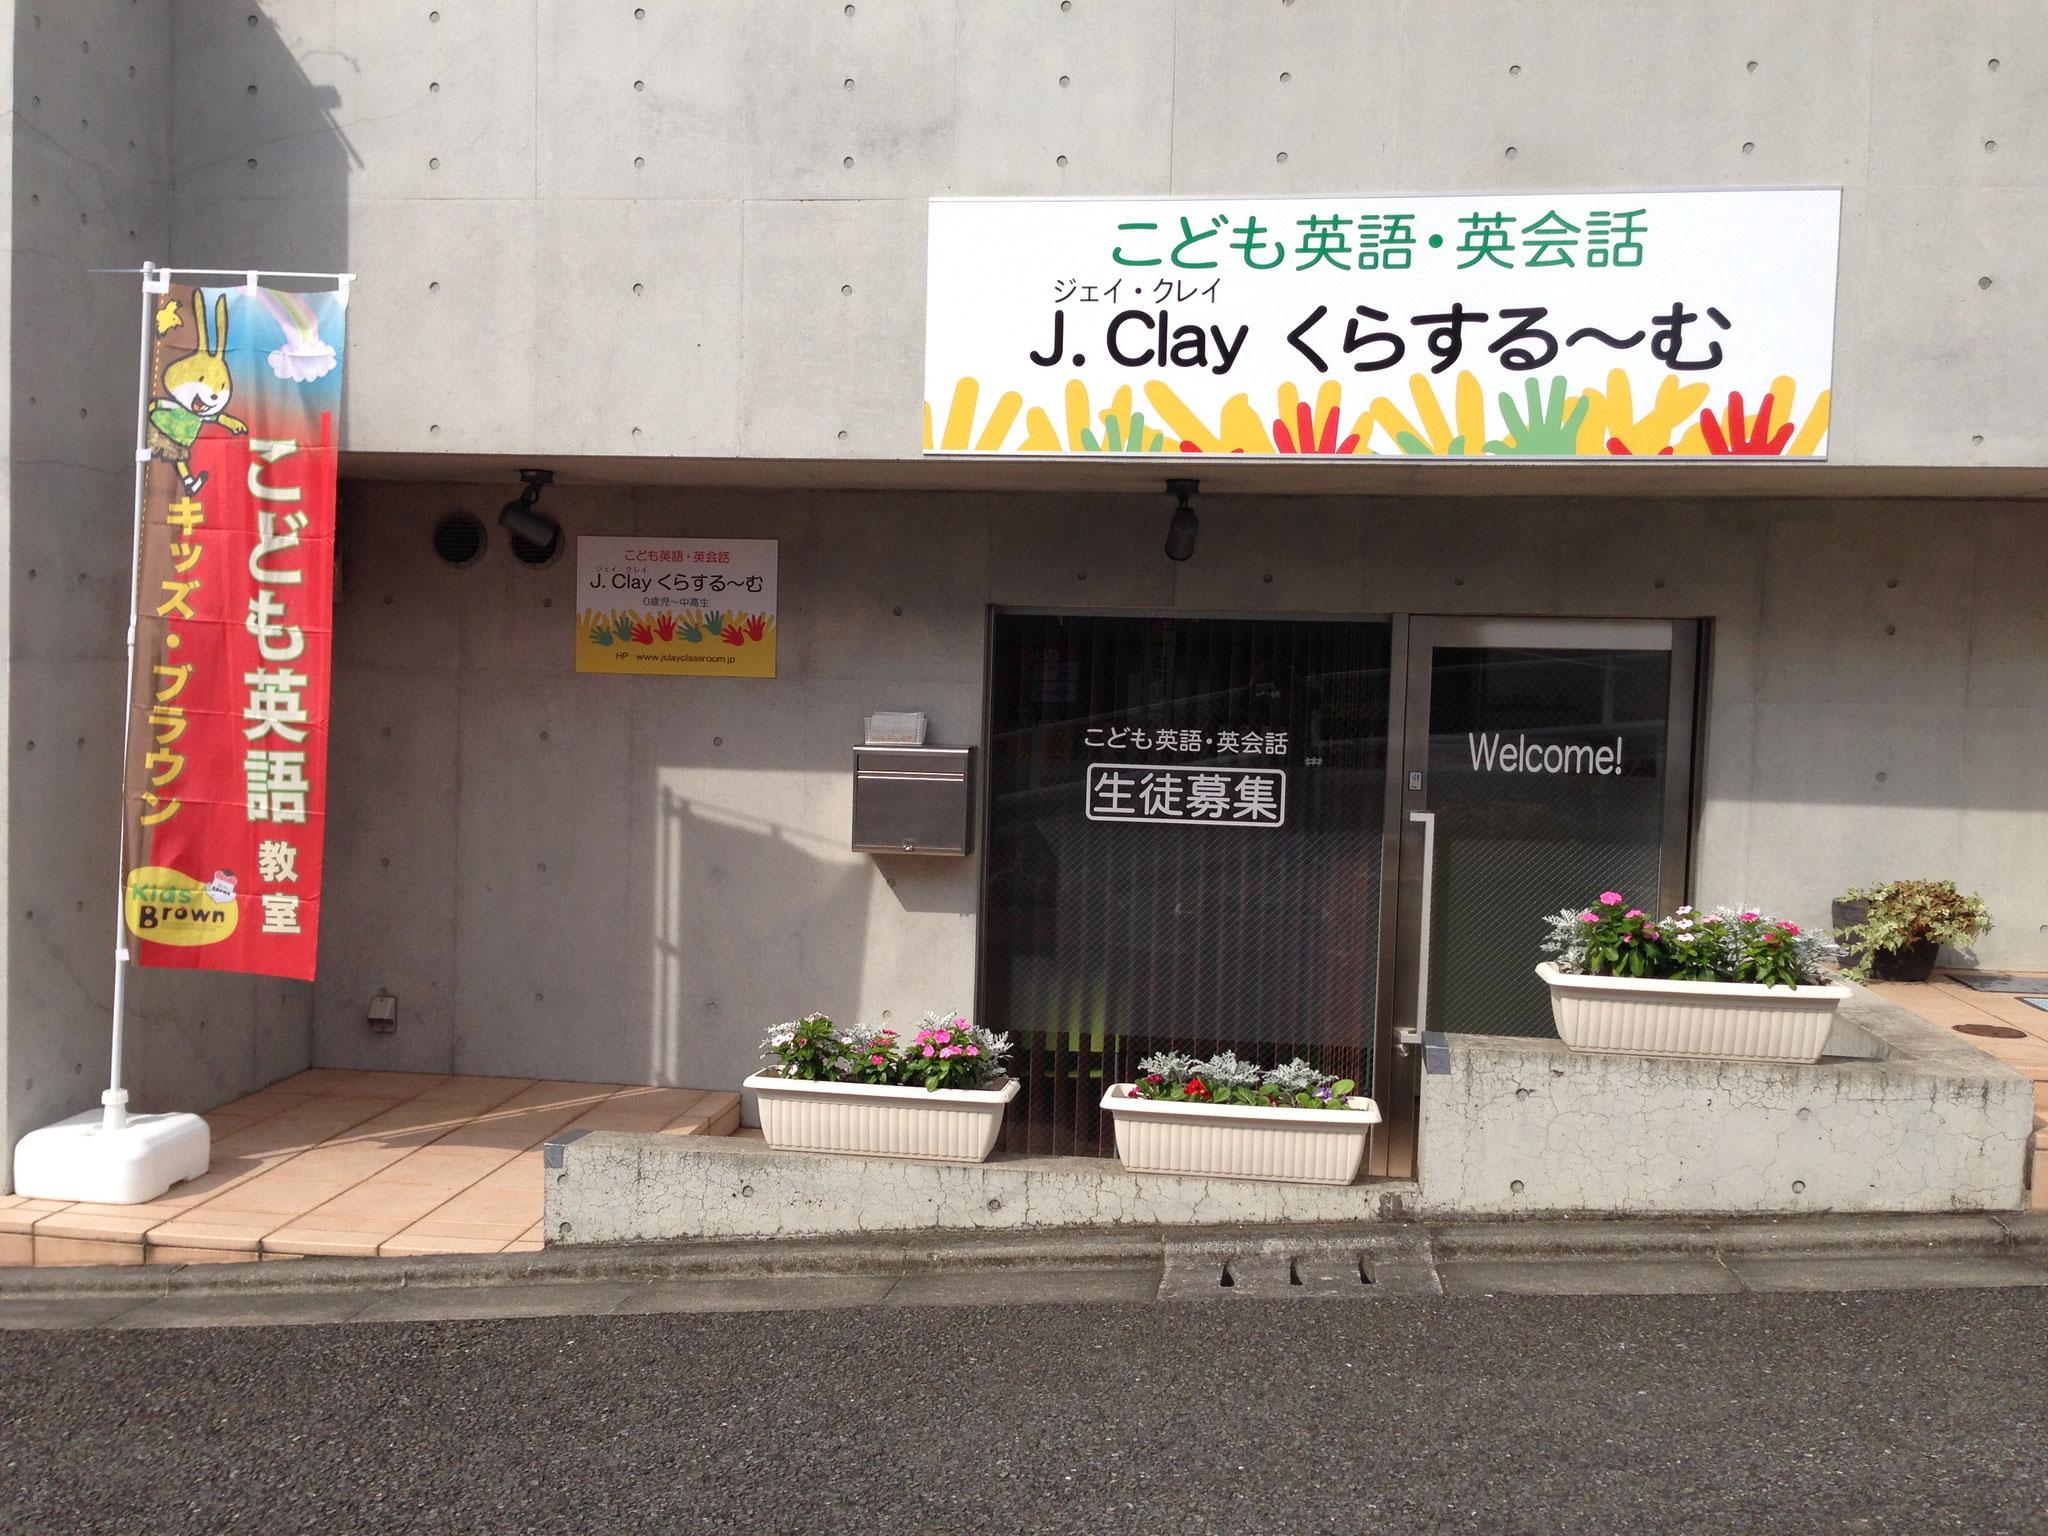 鶴川駅徒歩3分